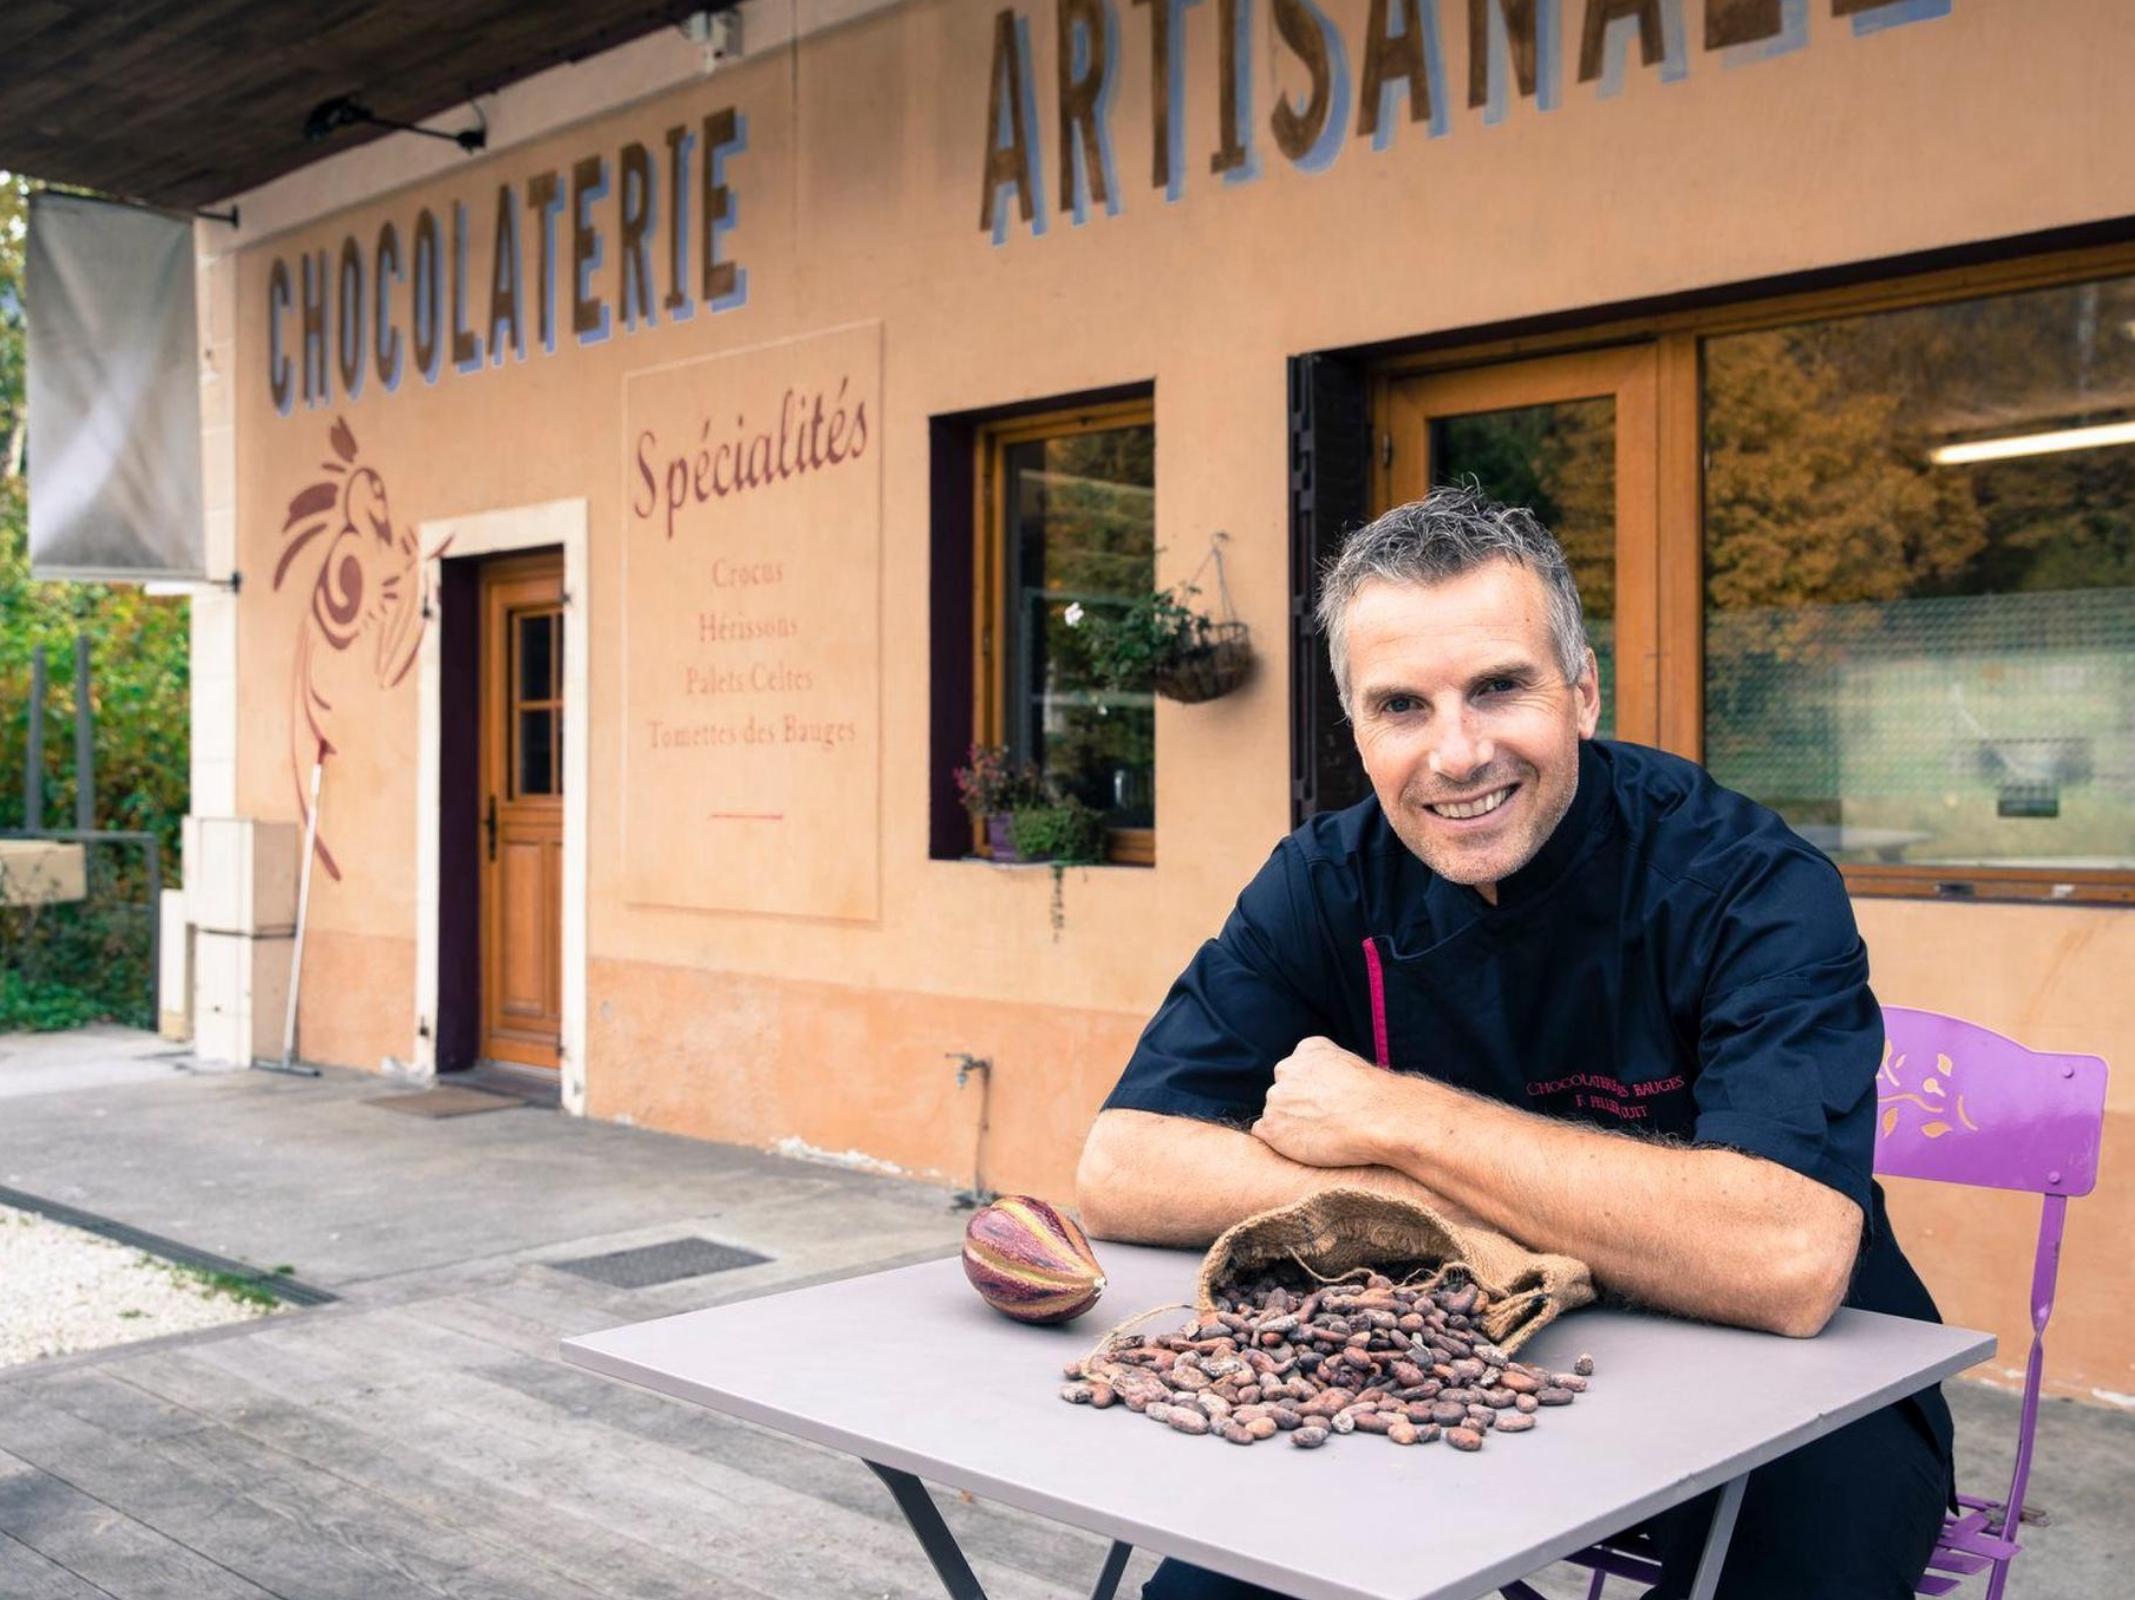 Frédéric Pellier Cuit - Chocolaterie des Bauges - Marché des Producteurs - Les Trésoms Annecy